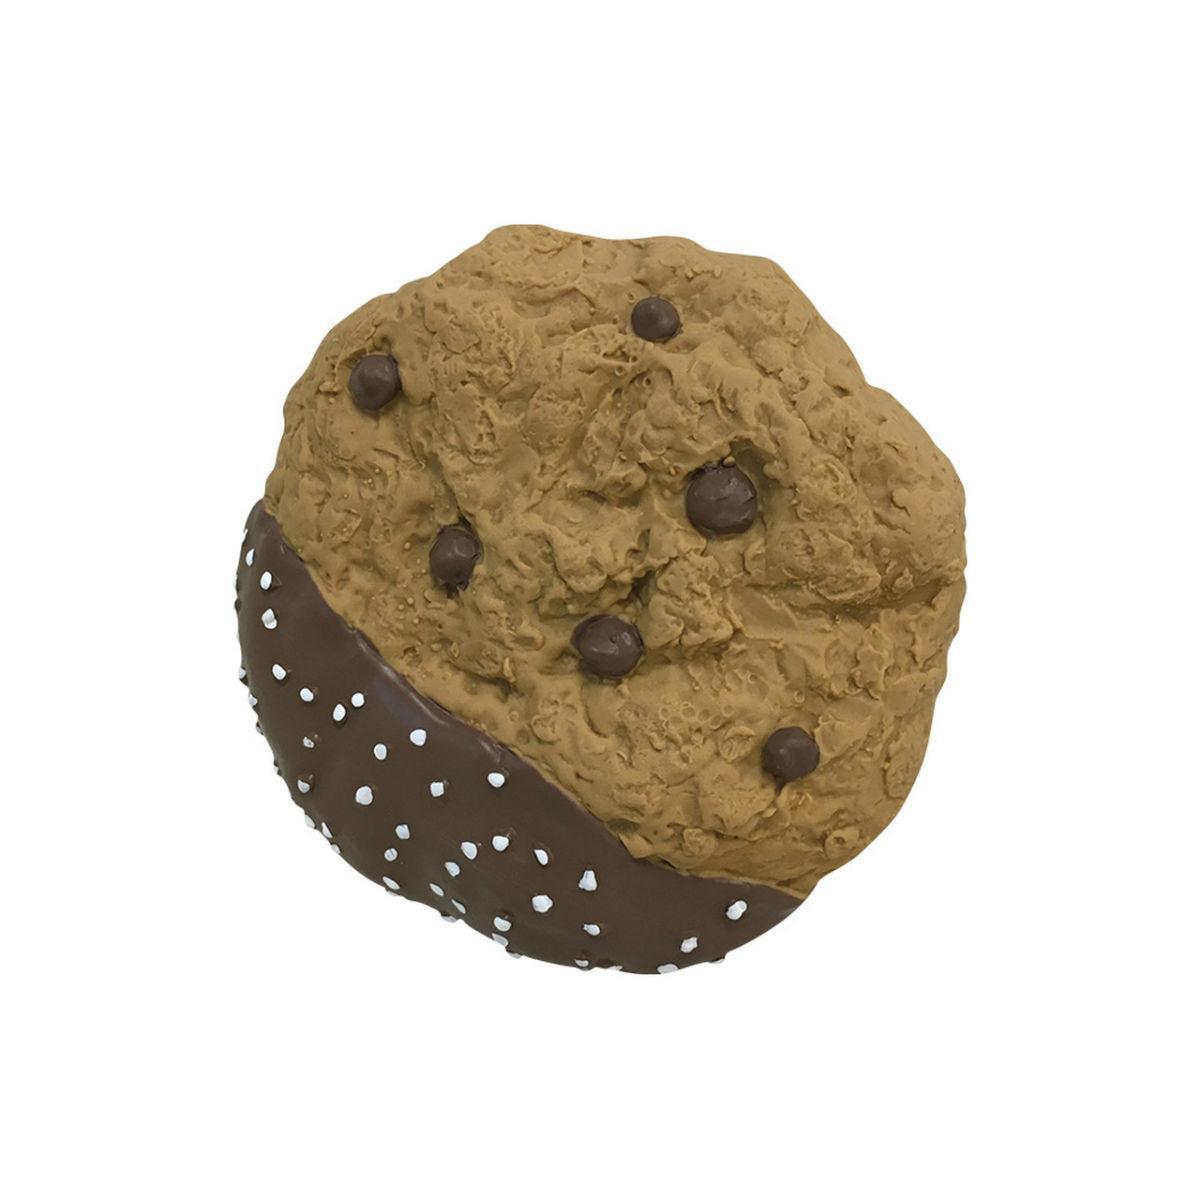 Dessert Latex Dog Toy - Cookie